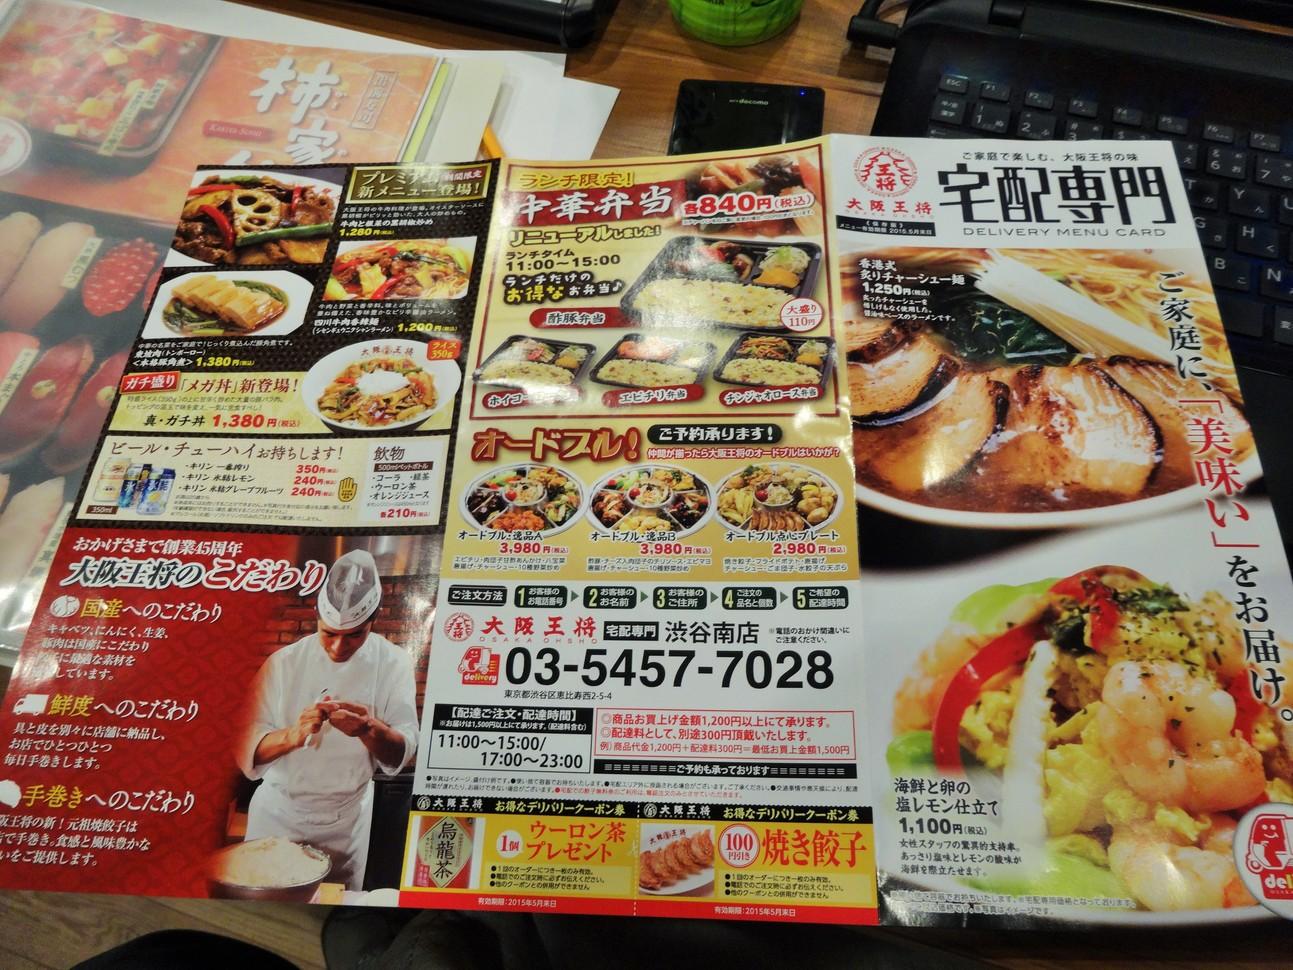 大阪王将 宅配専門渋谷南店